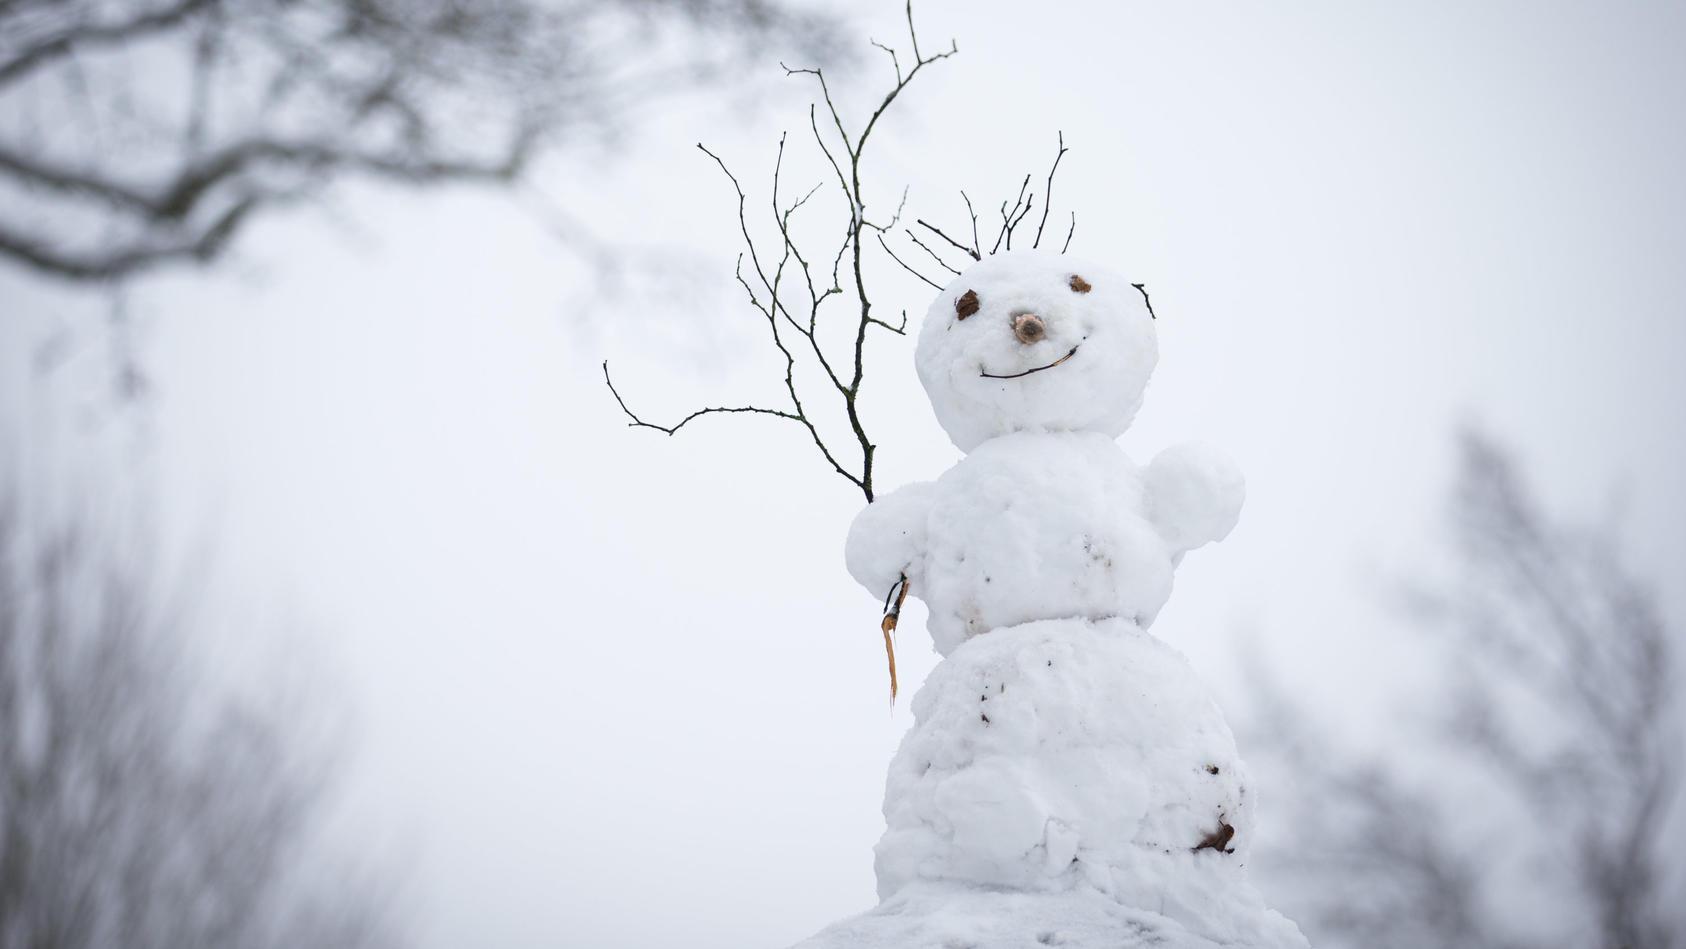 Dieser Schneemann könnte mal ein Autoreifen gewesen sein.